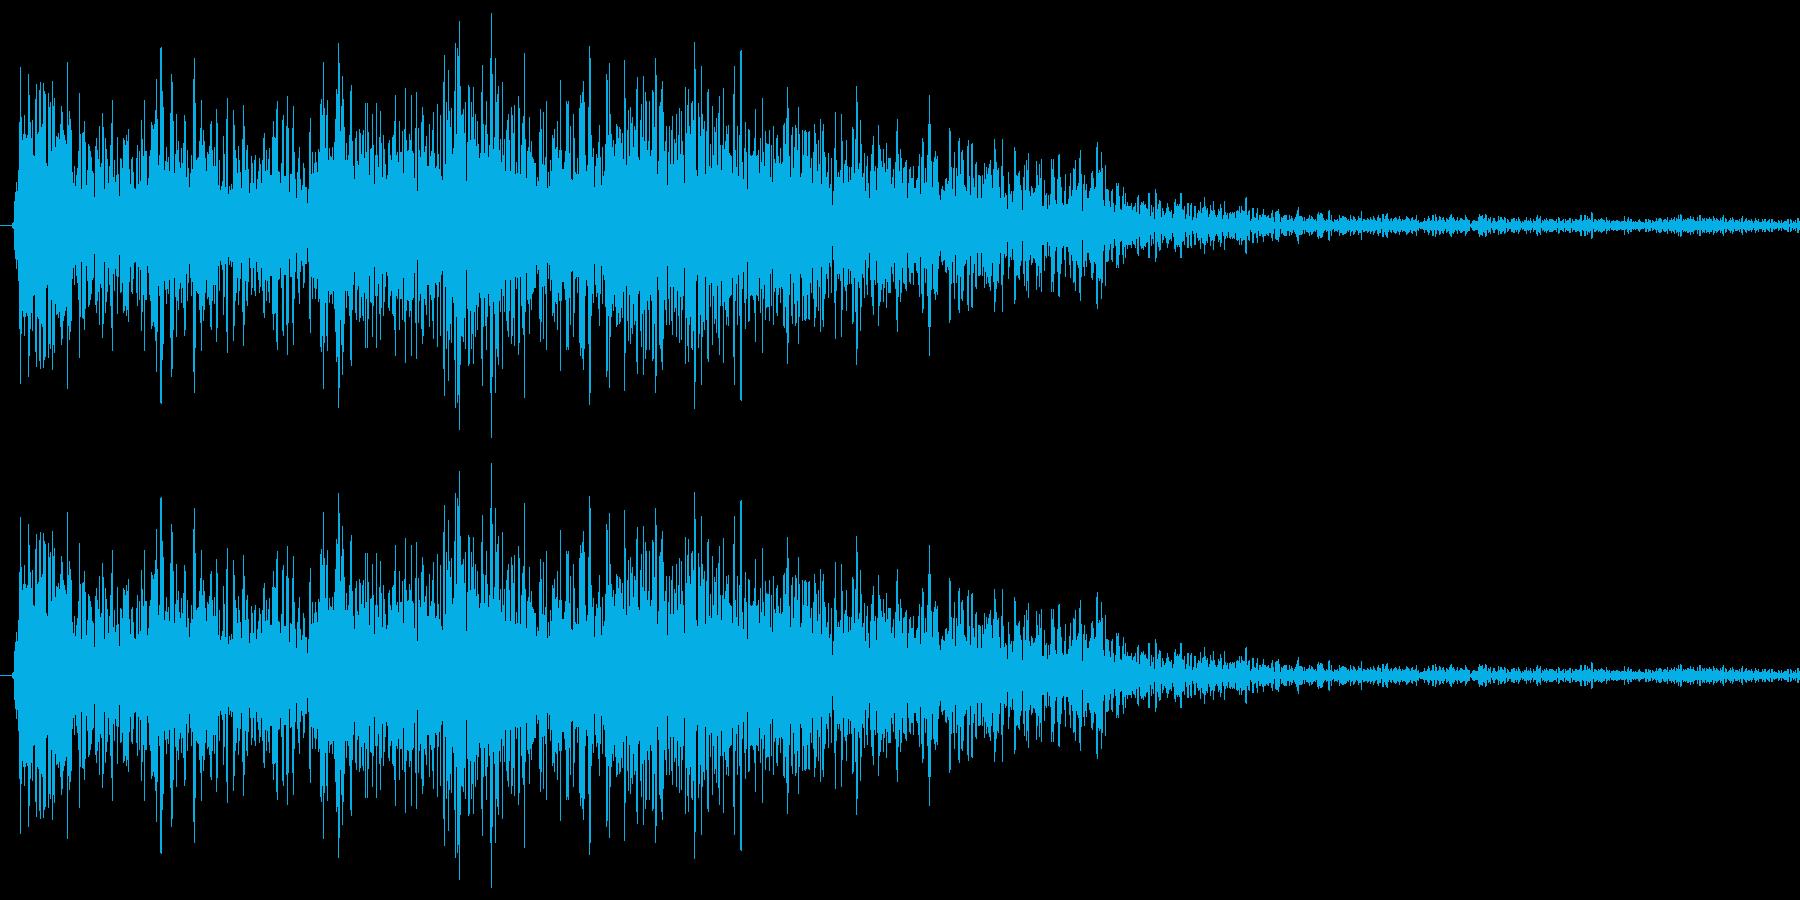 クイズの出題されるときの音の再生済みの波形